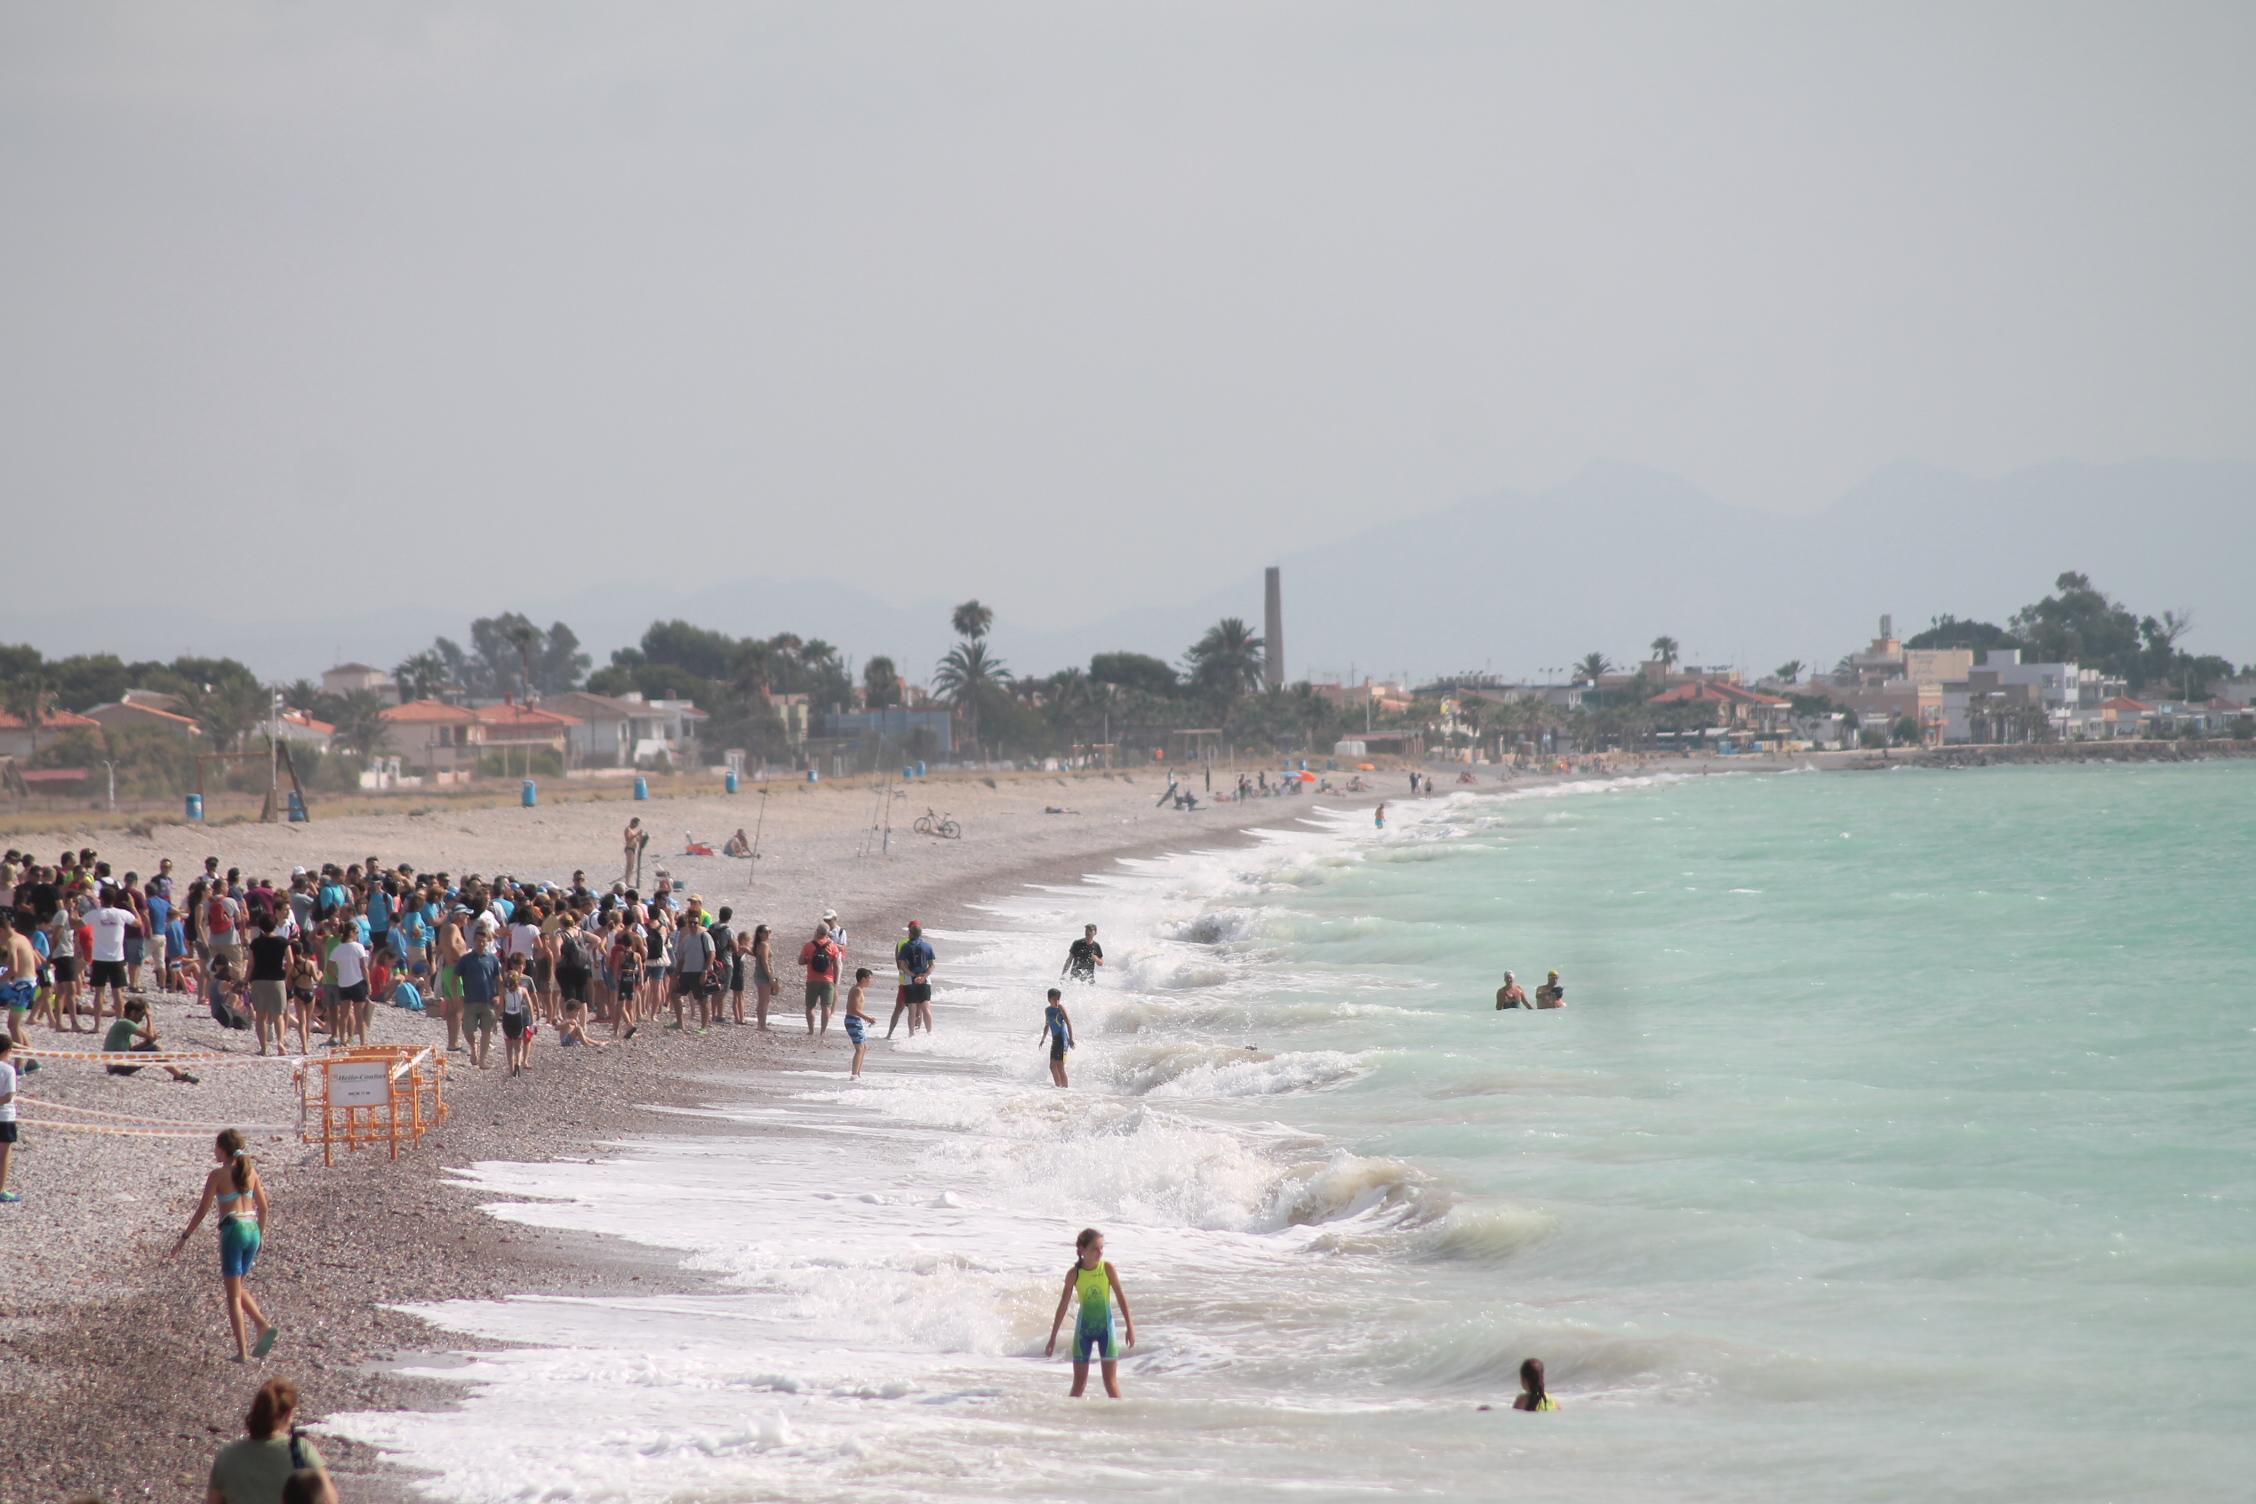 El gobierno de España licita las obras de las escolleras en la playa de Almenara por 7.8 millones de euros